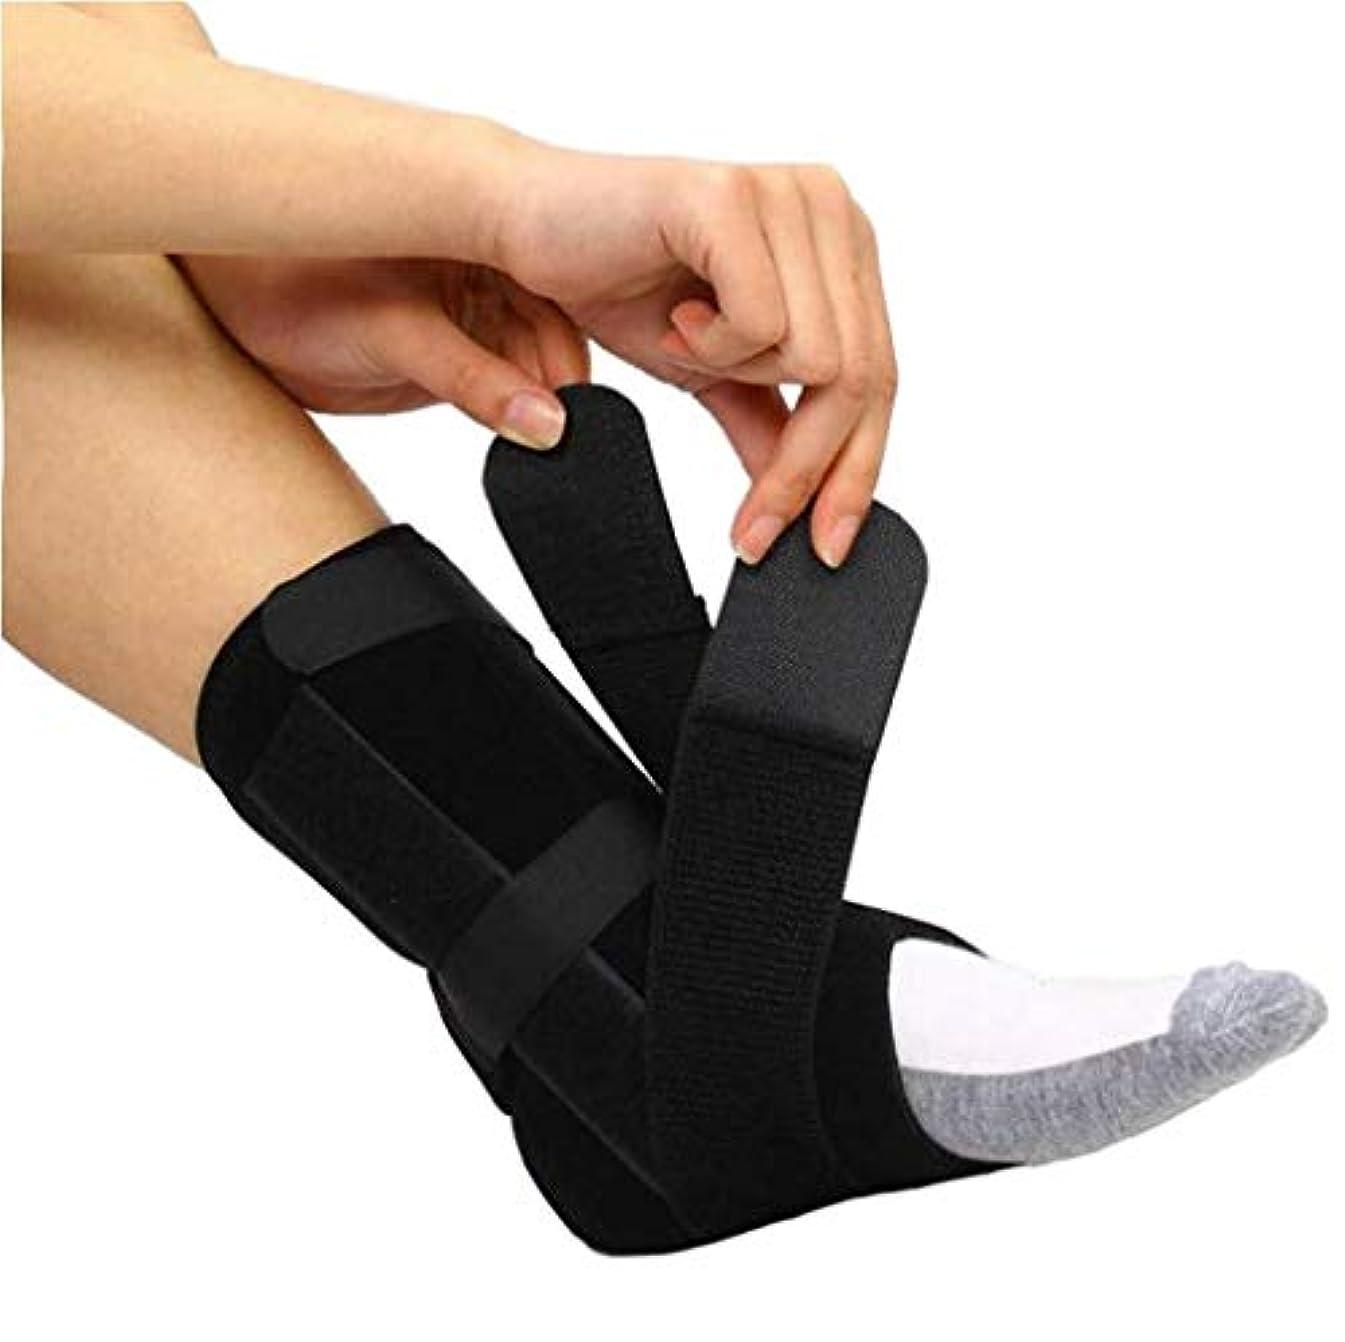 褐色弁護め言葉ドロップフット–ドロップフット、神経損傷、足の位置、圧力緩和、足首と足の装具のサポート-ユニセックス (Size : L)